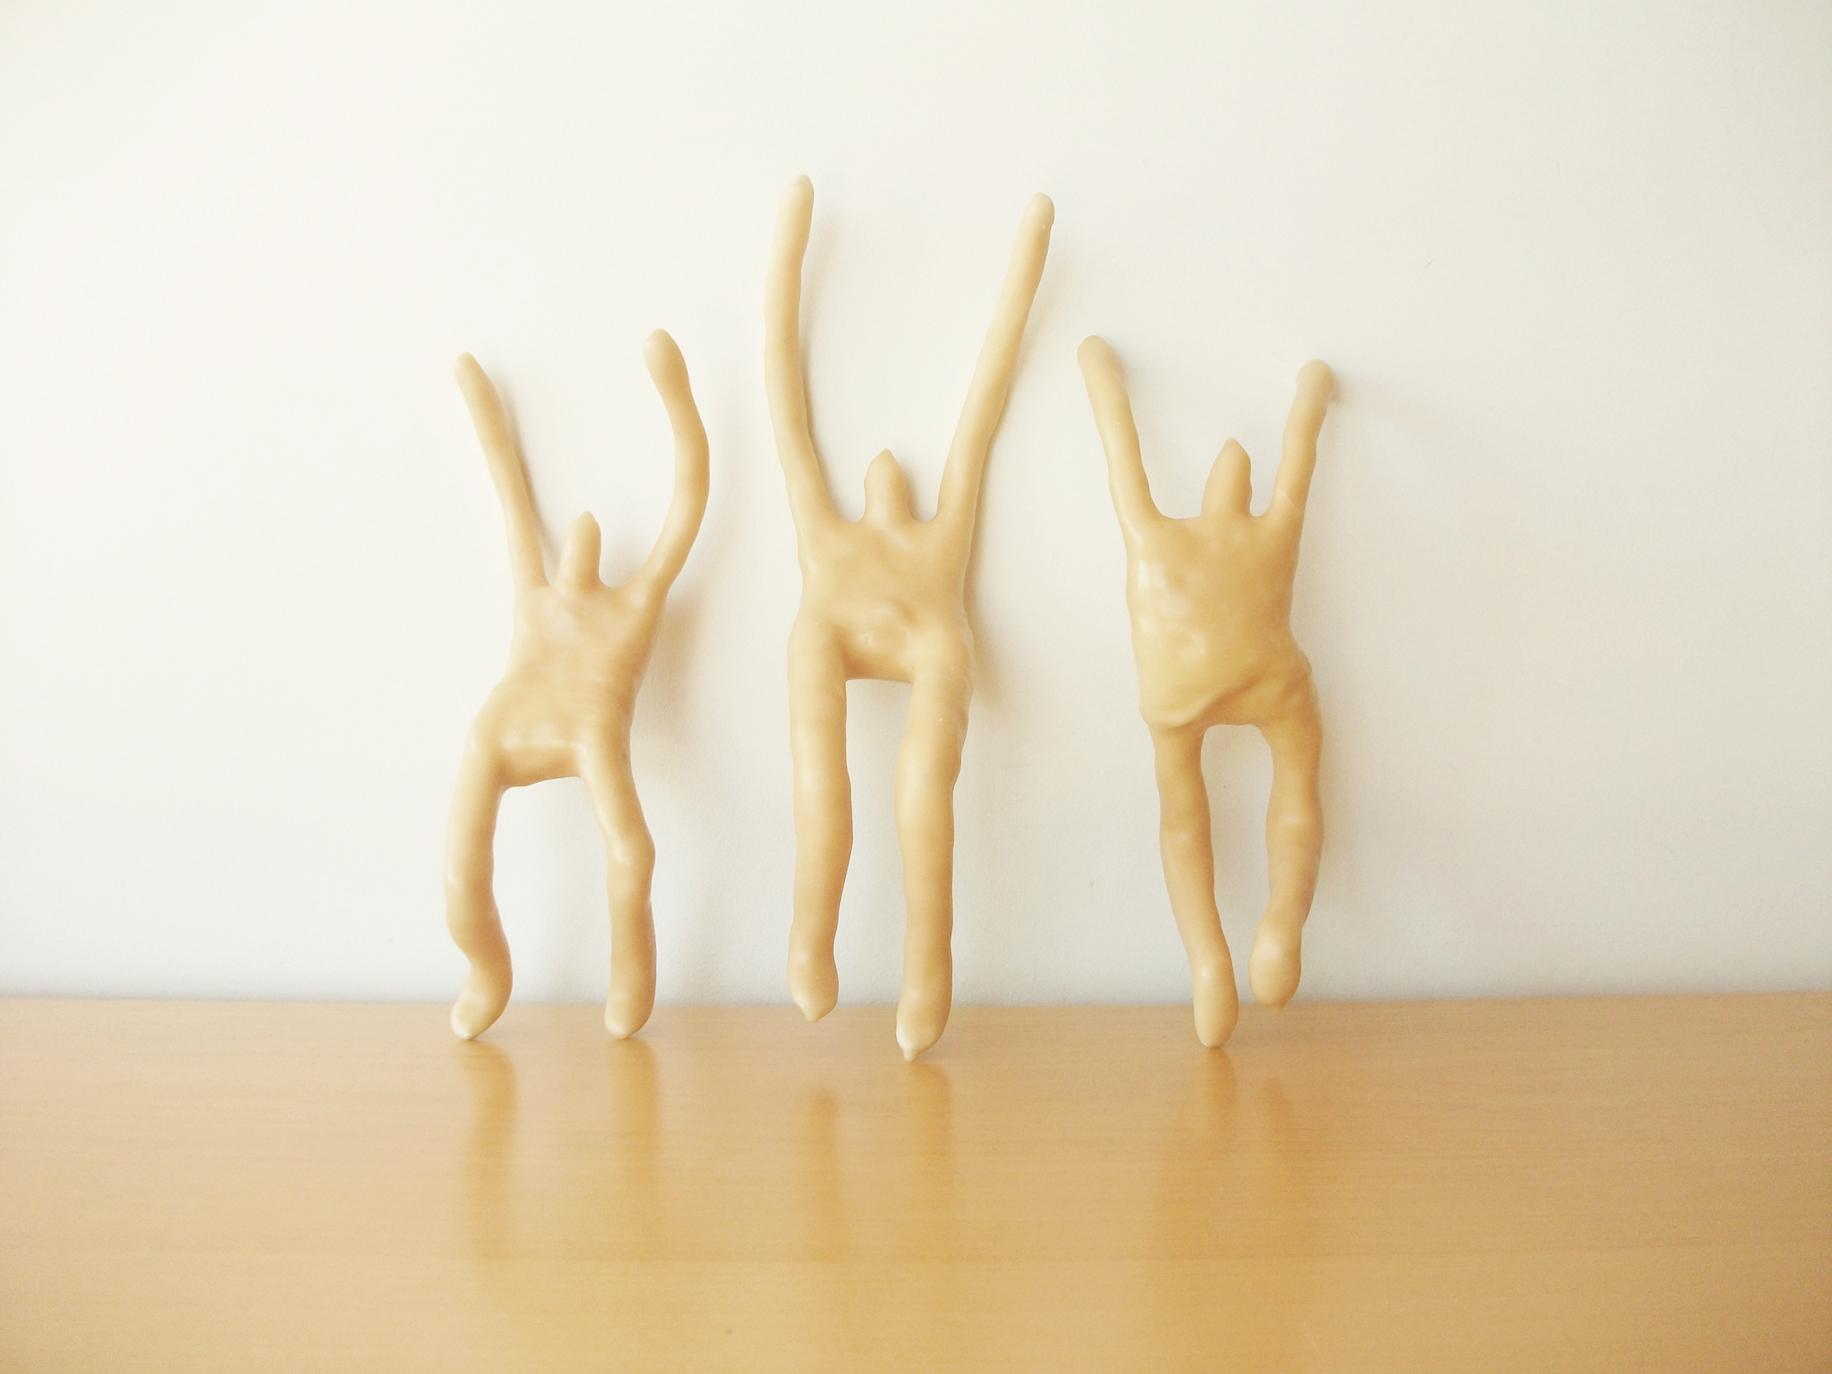 3figures.jpg